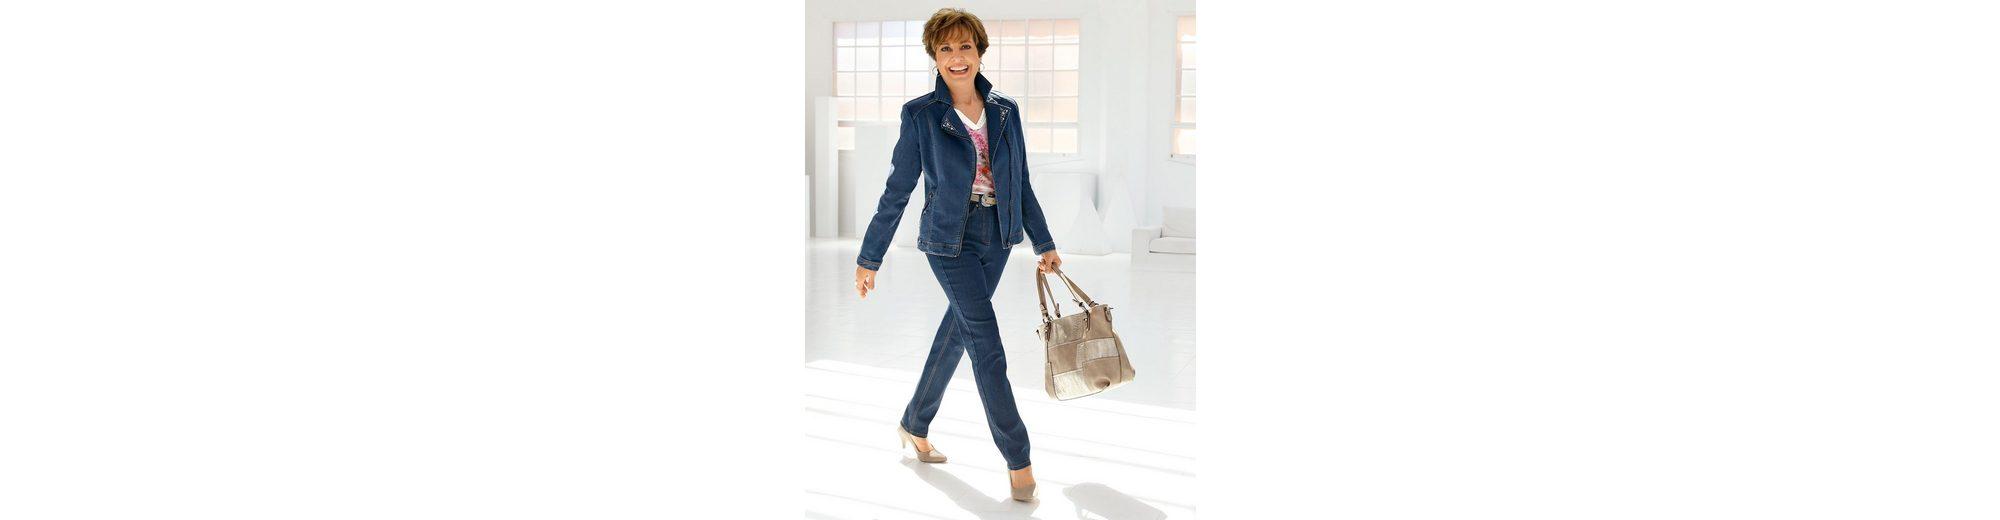 Paola Jeans mit Zierplättchen an den Gesäßtaschen Spielraum Mit Kreditkarte Offizieller Online-Verkauf Freiheit Der Billigsten 7dpWBu